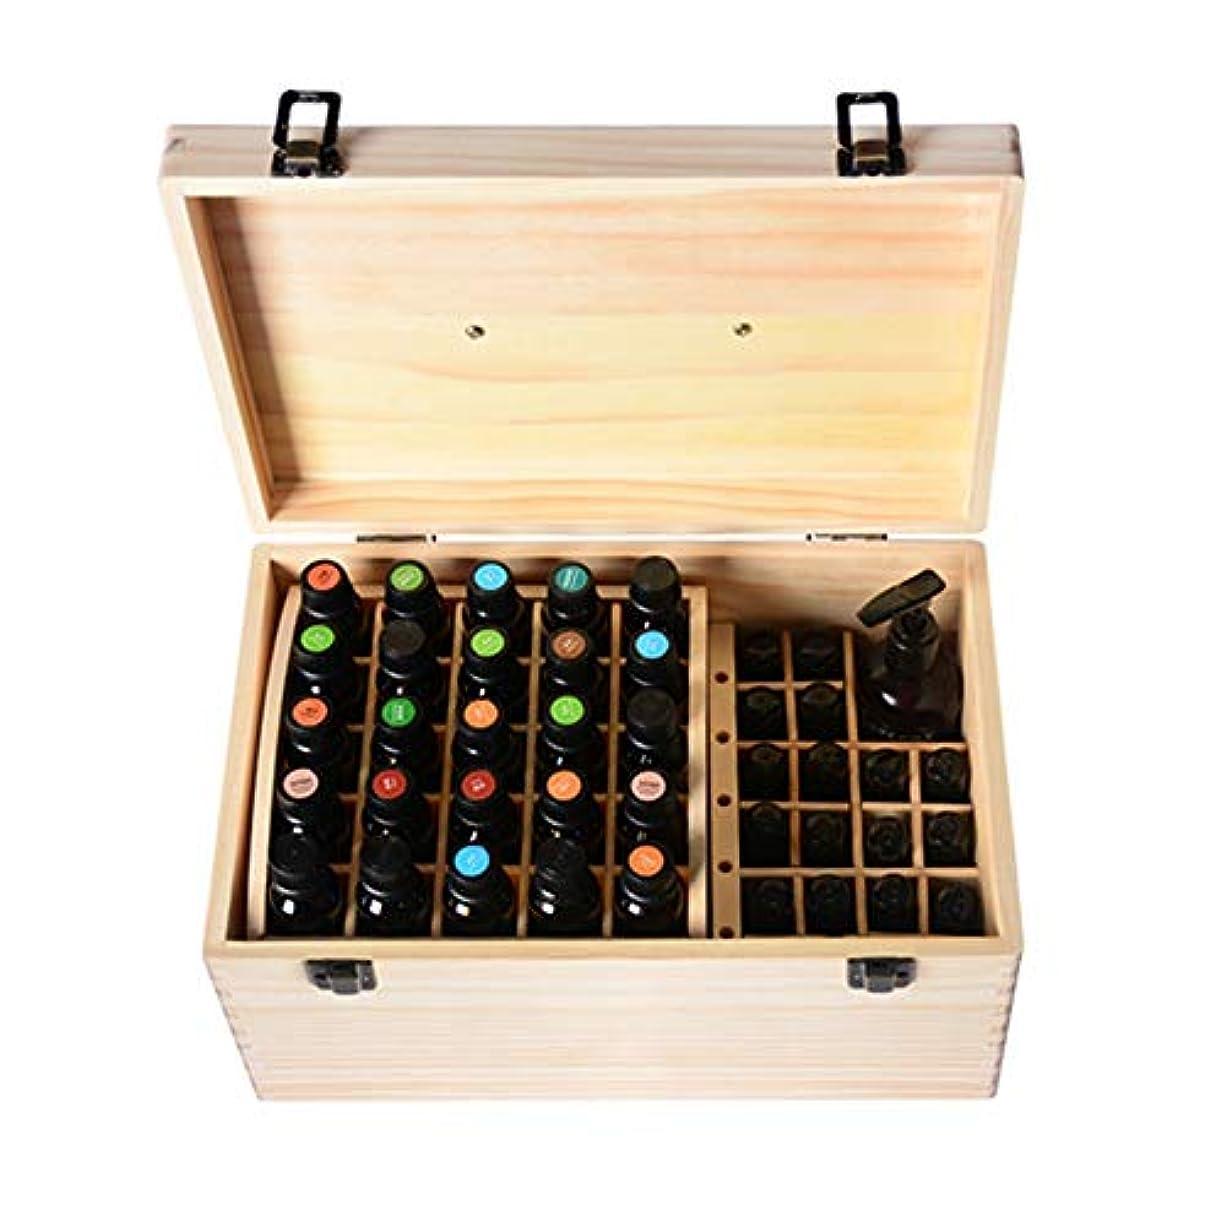 絶壁狂うアラーム74スロット木エッセンシャルオイルボックス収納ケース内部のリムーバブルは15/10 M1のボトルナチュラルパインを開催します アロマセラピー製品 (色 : Natural, サイズ : 35X20X16.5CM)